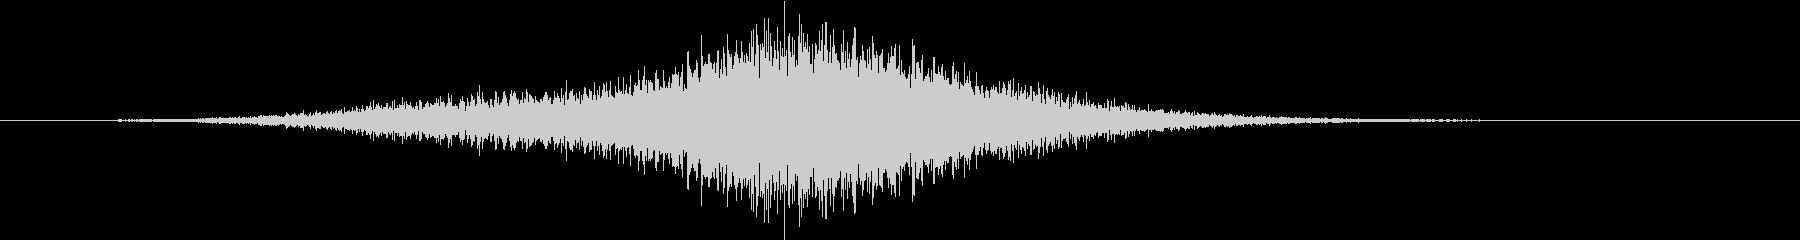 スイープ6によるアプリケーションパスの未再生の波形